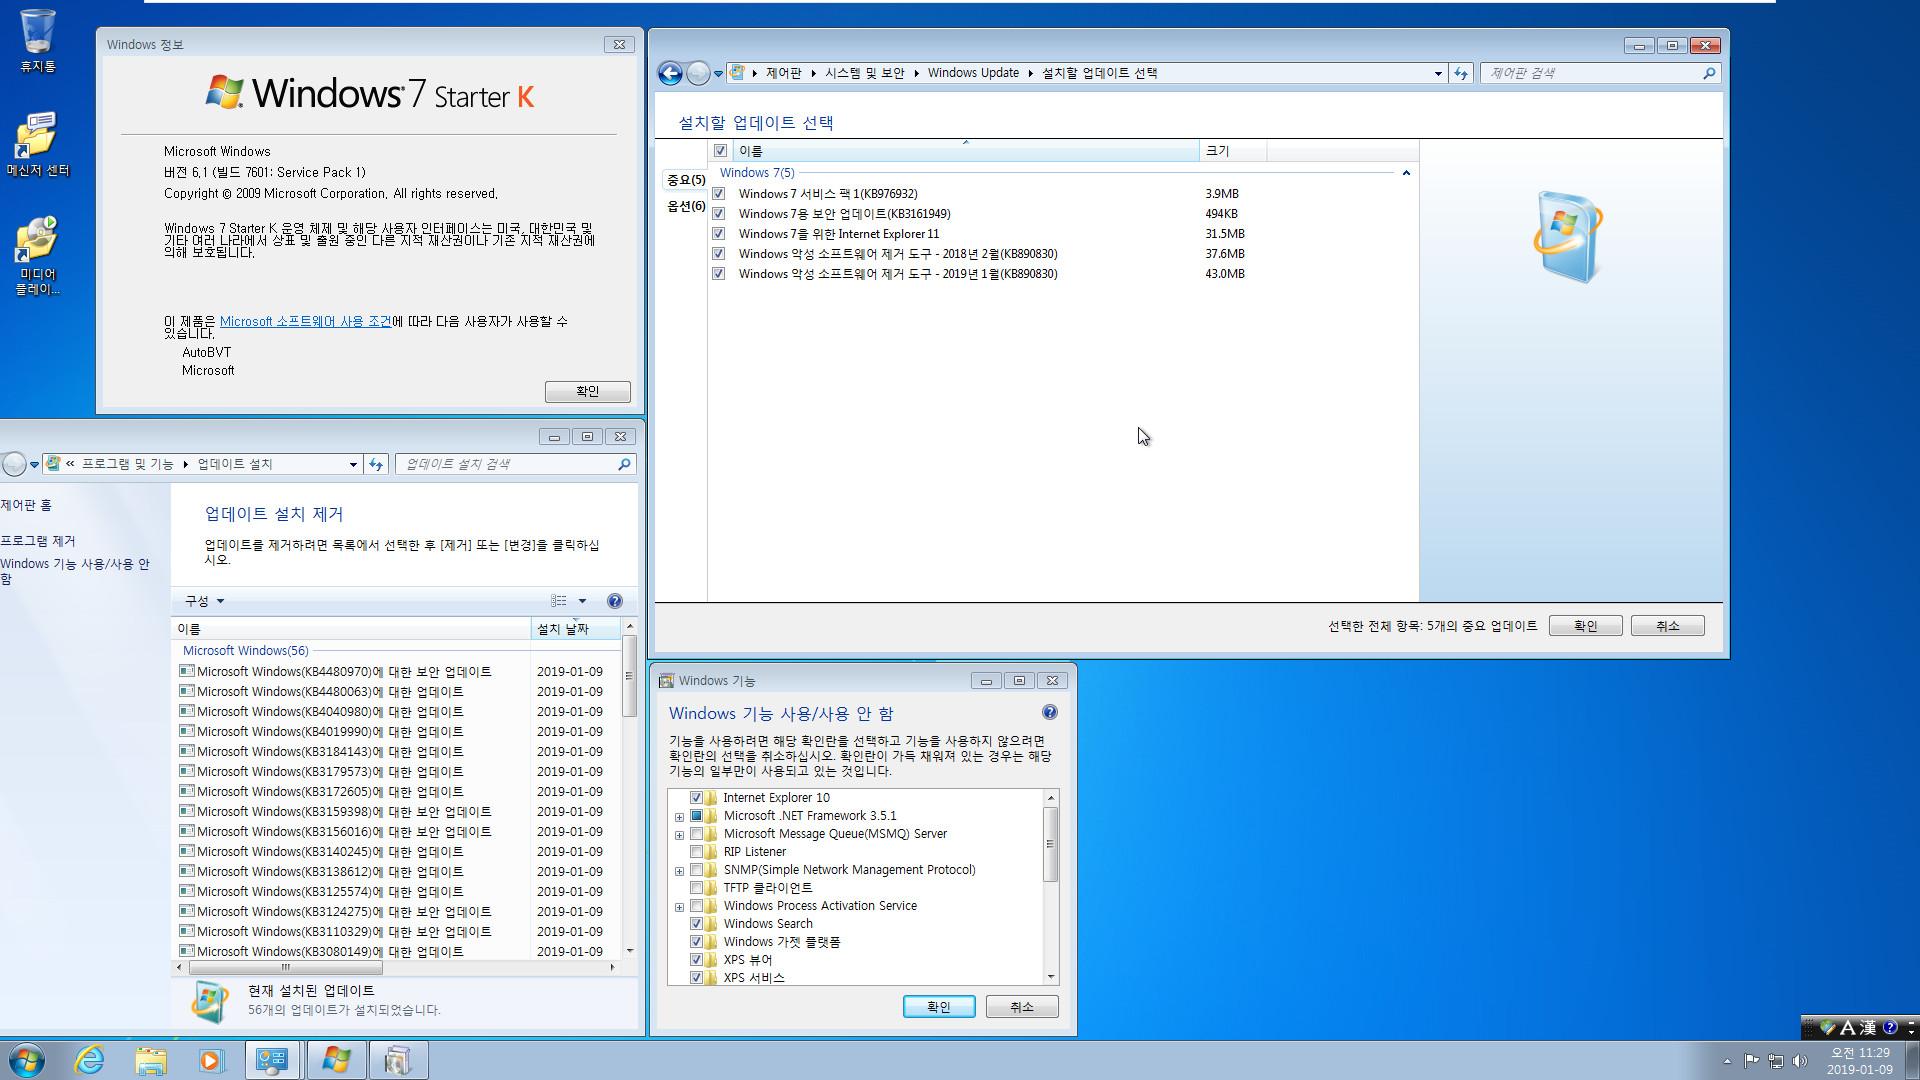 2019년 1월 9일 정기 업데이트 나왔네요 - Windows 7 롤업 업데이트 KB4480970 (OS 빌드 7601.24334) IE10 통합중 입니다 2019-01-09_112941.jpg